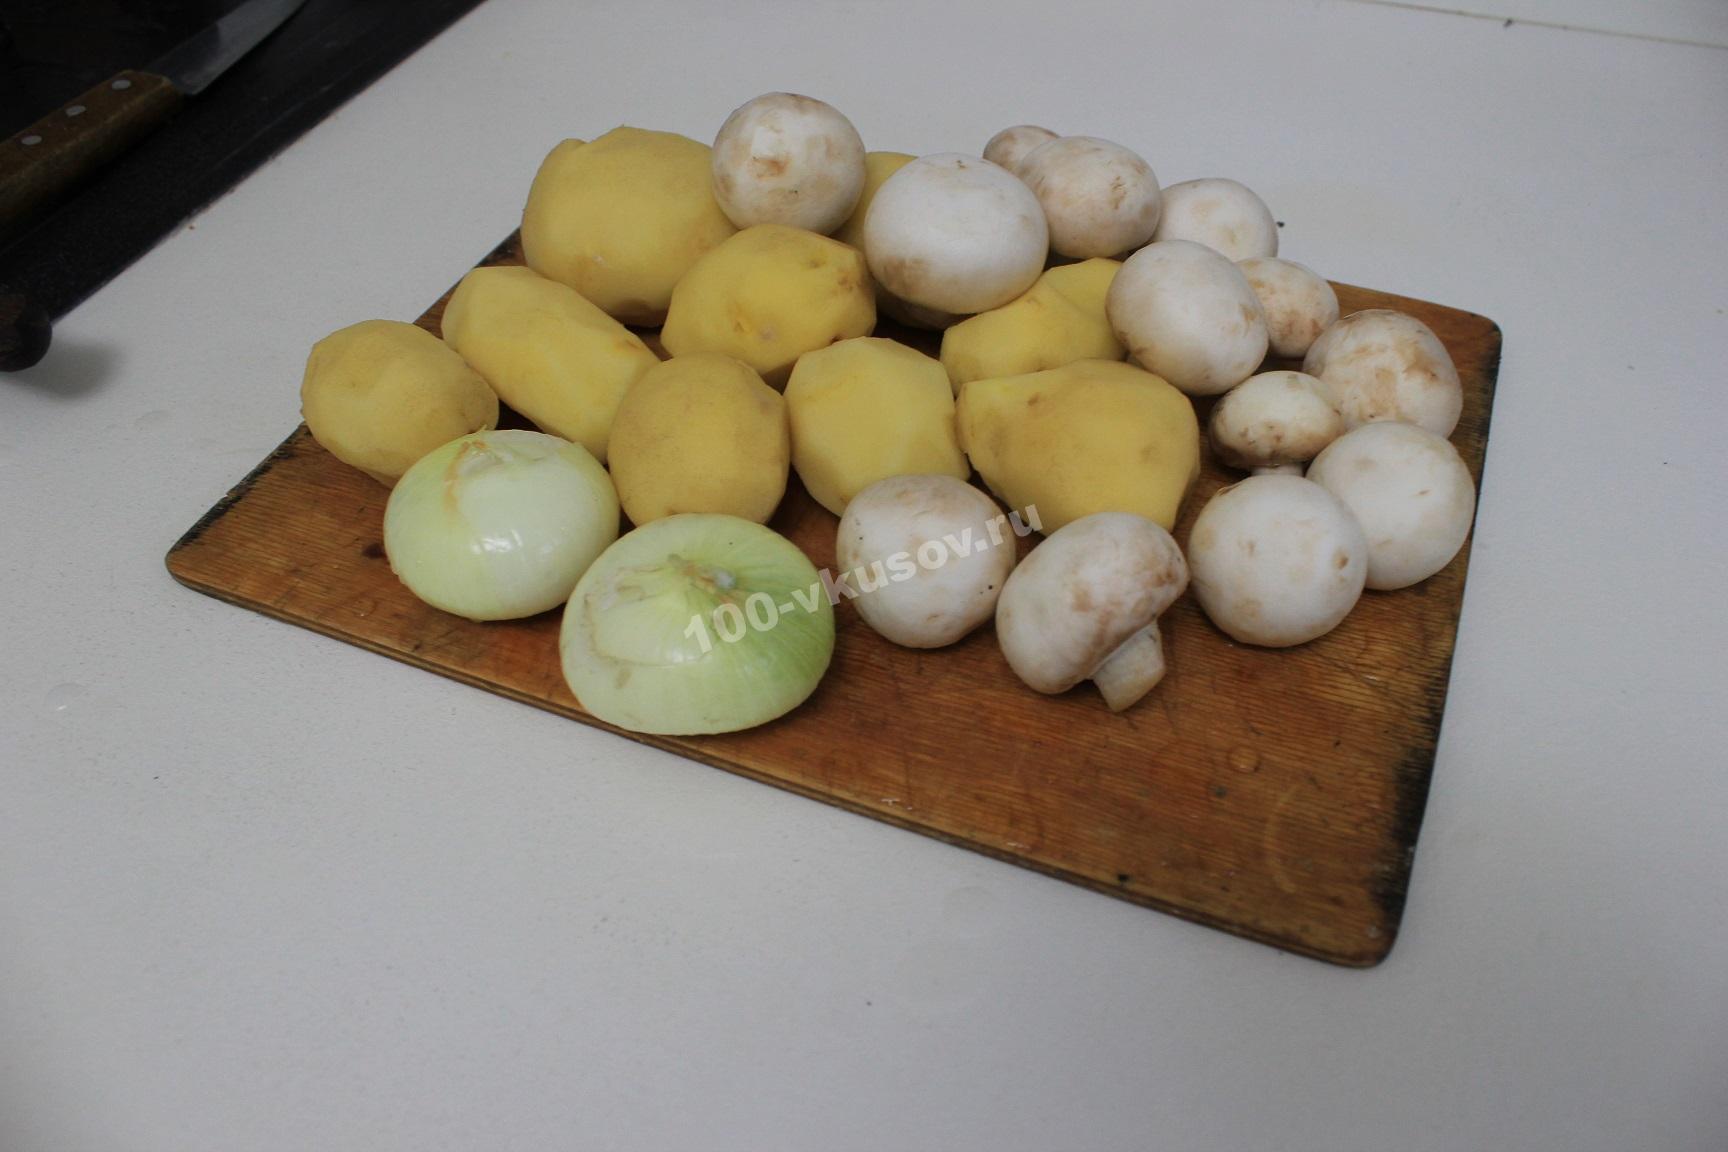 Очищенные лук, картофель и шампиньоны